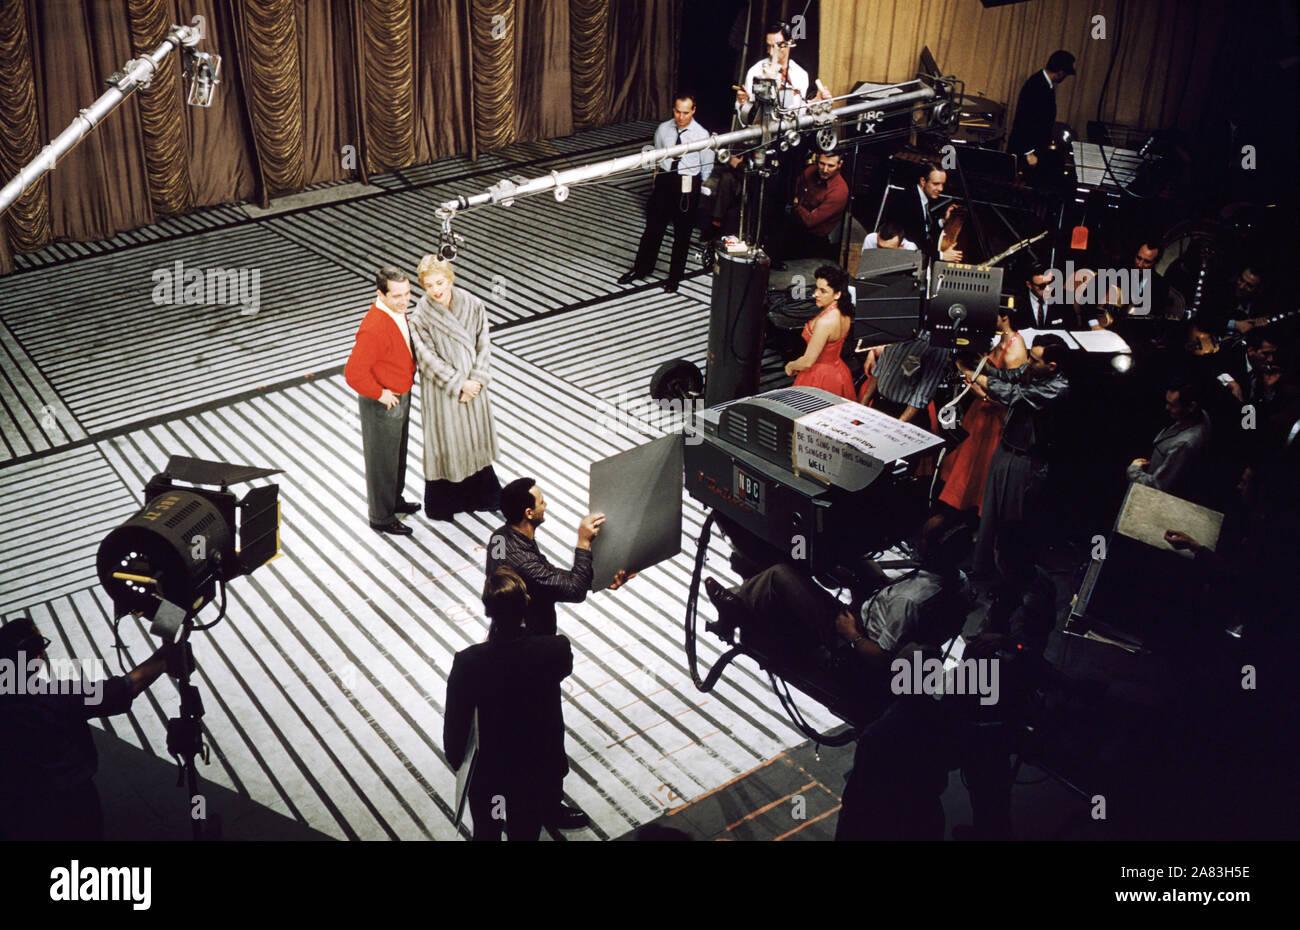 """NEW YORK, NY - 1957: cantante y personalidad de la televisión estadounidense Perry como (1912-2001) y la actriz americana, comediante y cantante Judy Holliday (1921-1965) realiza en el escenario durante """"el Perry como Show' circa 1957 en Nueva York, Nueva York. (Foto por Hy Peskin) *** Local Caption *** Perry como;Judy Holliday Foto de stock"""